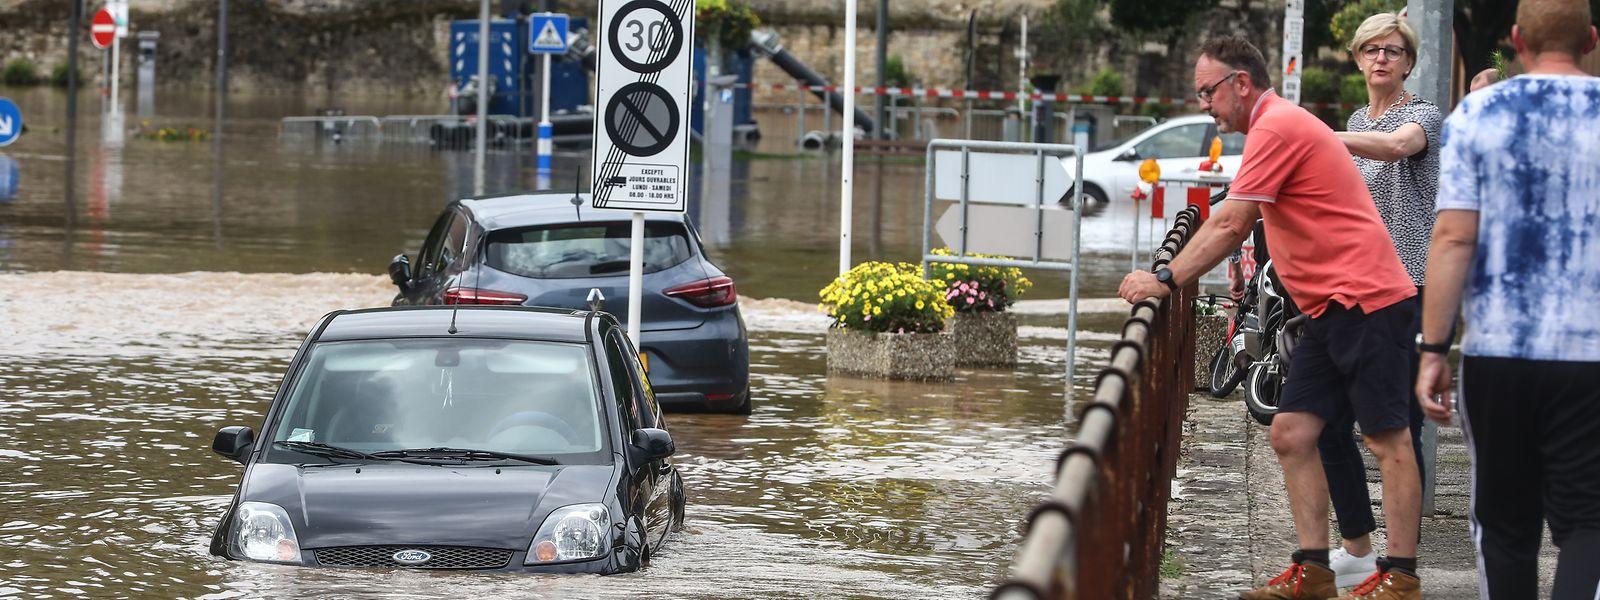 Das Klima-Bündnis warnt davor, dass Wetterextreme in ihrer Häufigkeit und in ihren Ausmaßen dramatisch zunehmen, wenn der Klimawandel nicht gezügelt wird.